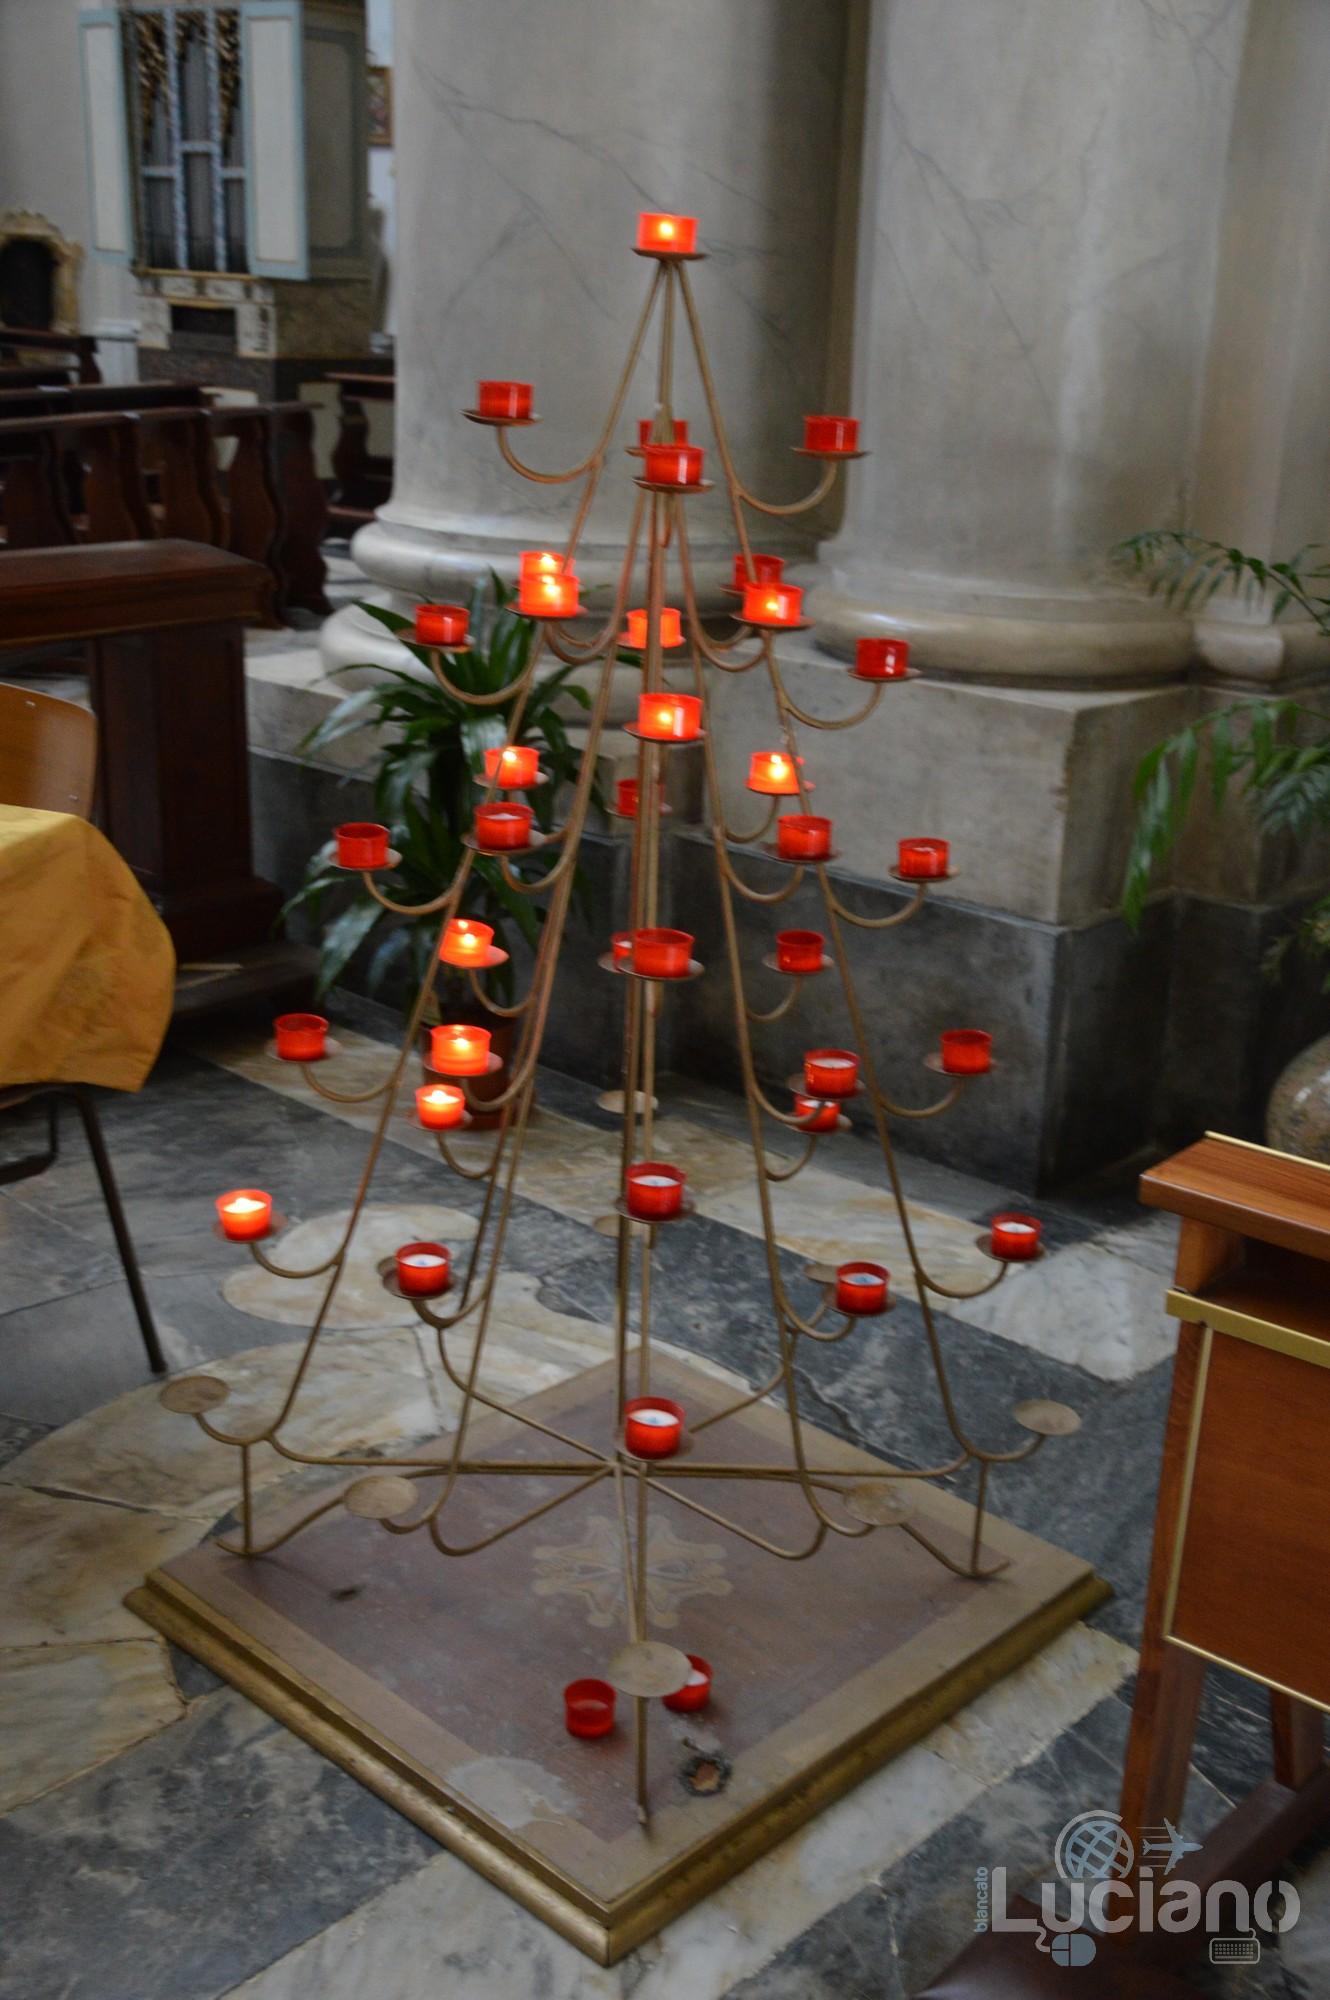 dettaglio candelabro nella Chiesa della Badia di Sant'Agata, durante i festeggiamenti per Sant'Agata 2019 - Catania (CT)